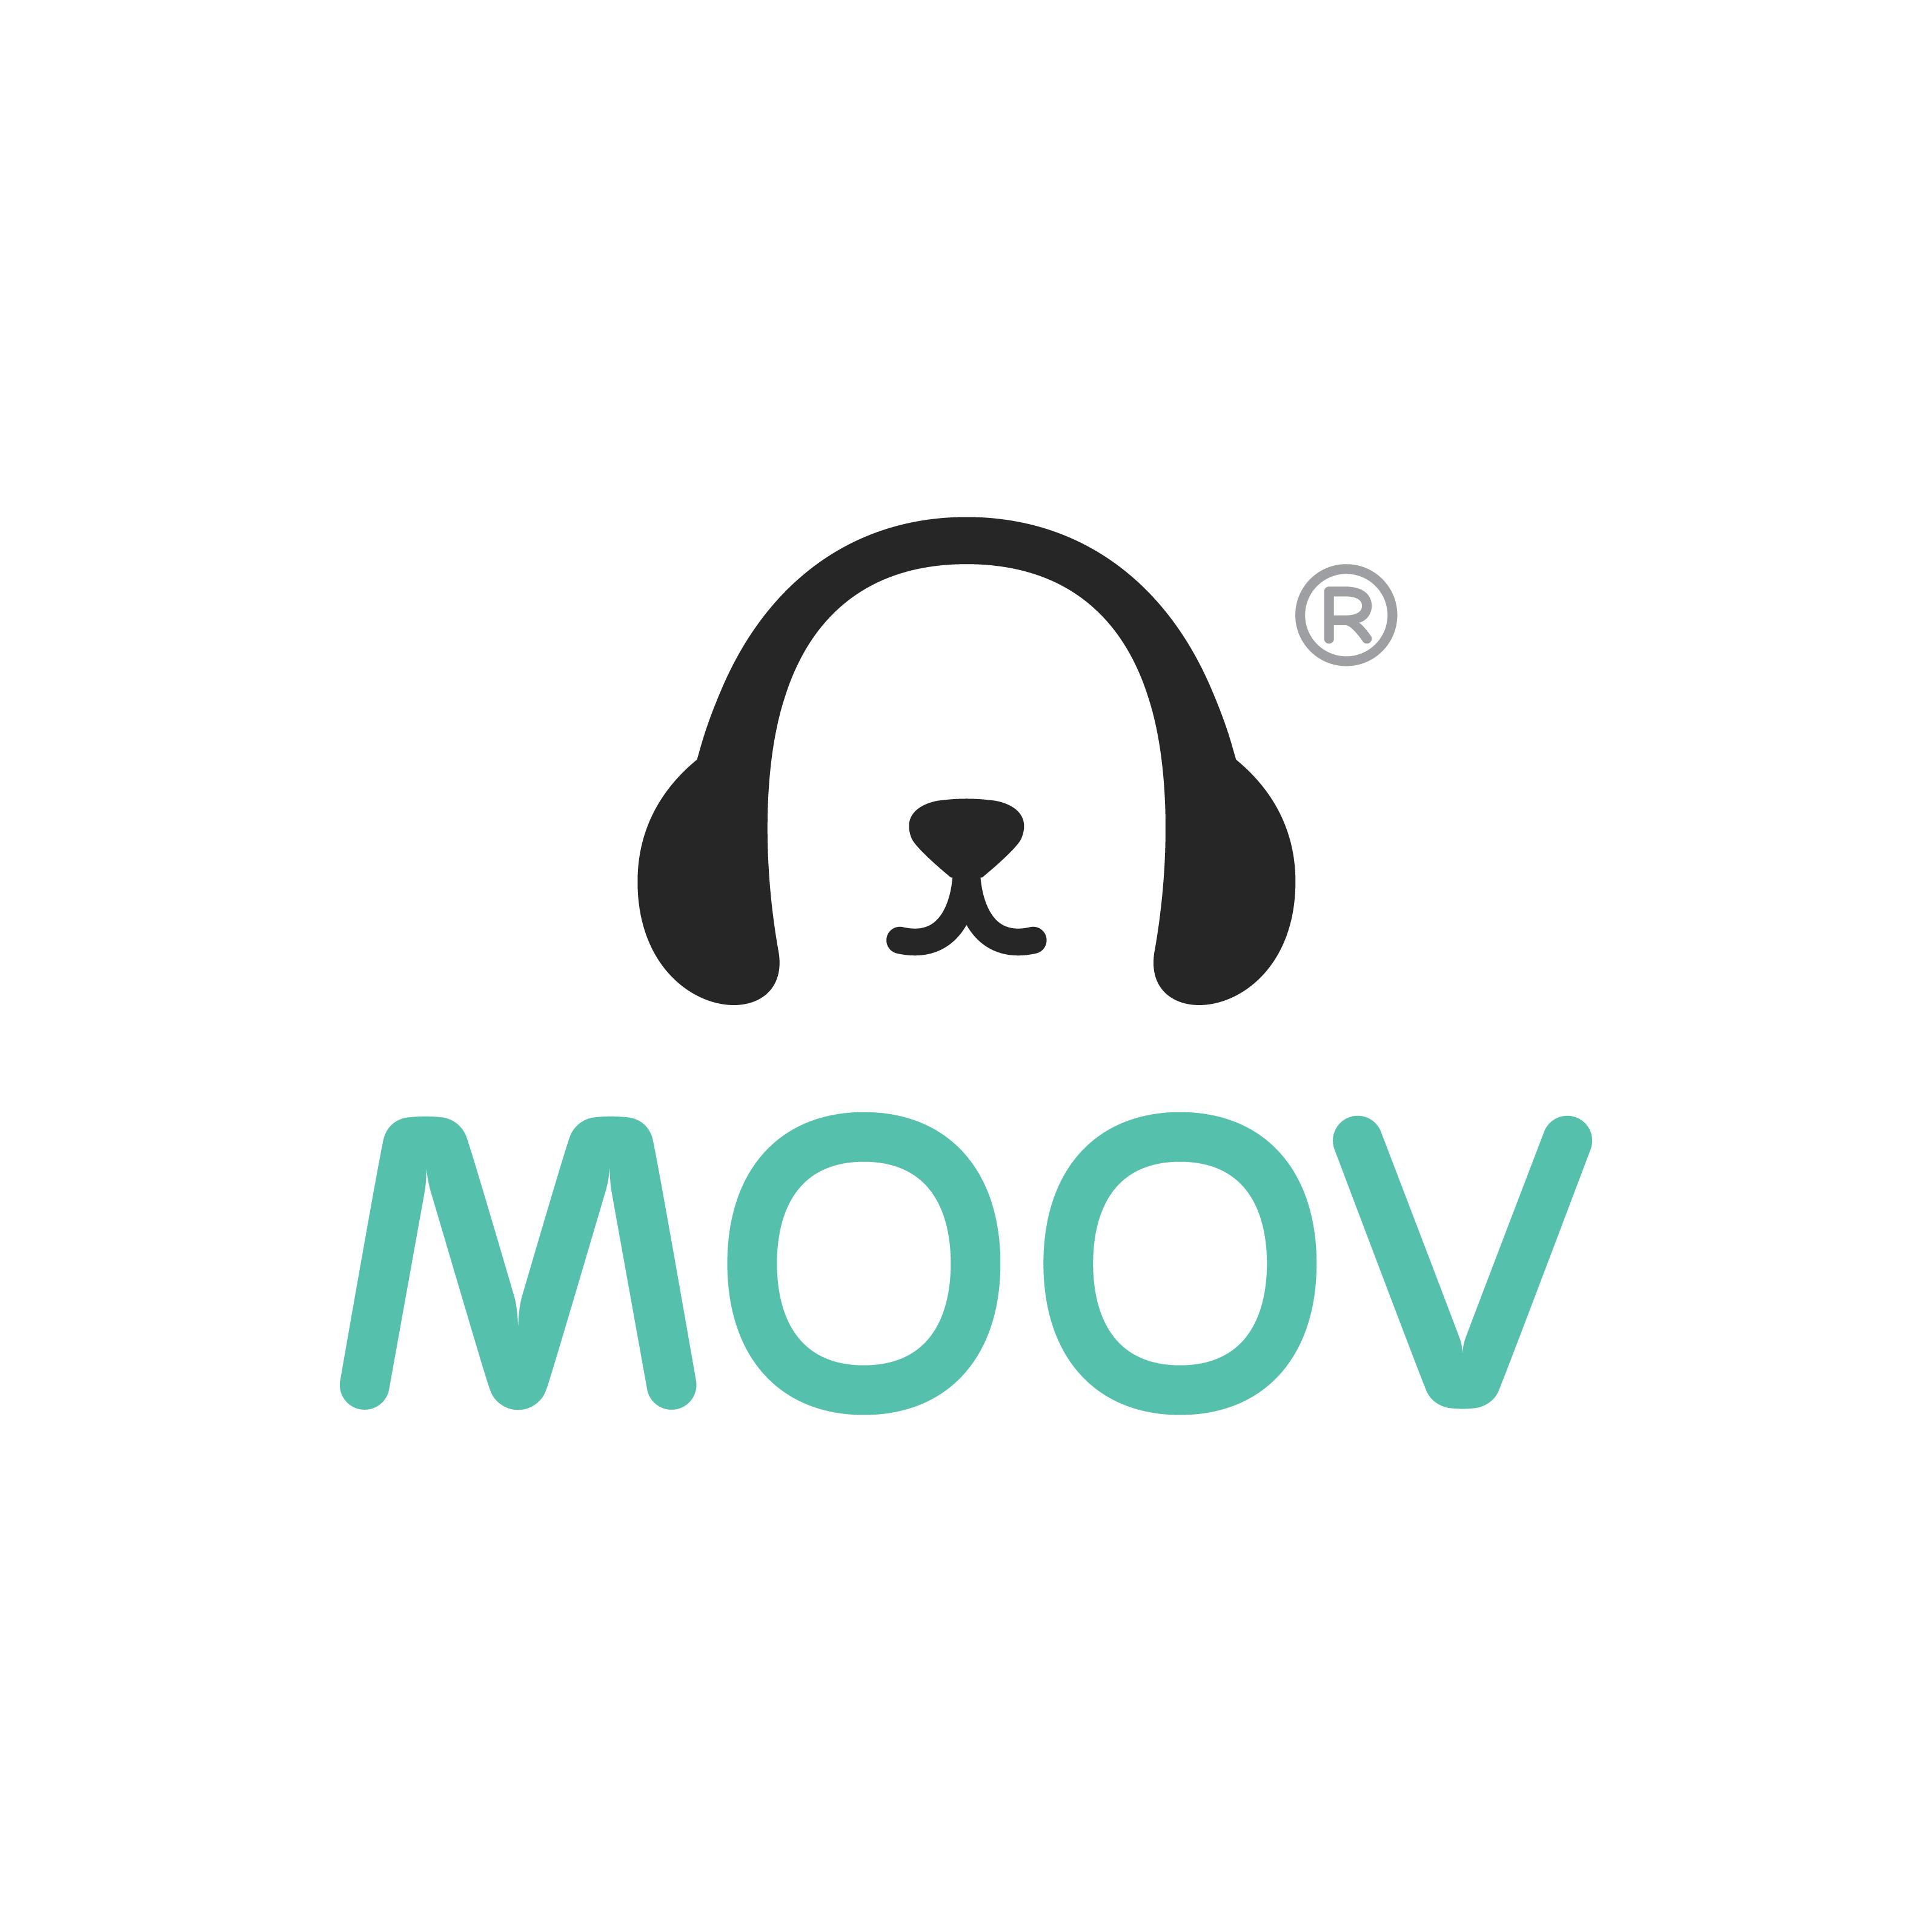 moov-logo